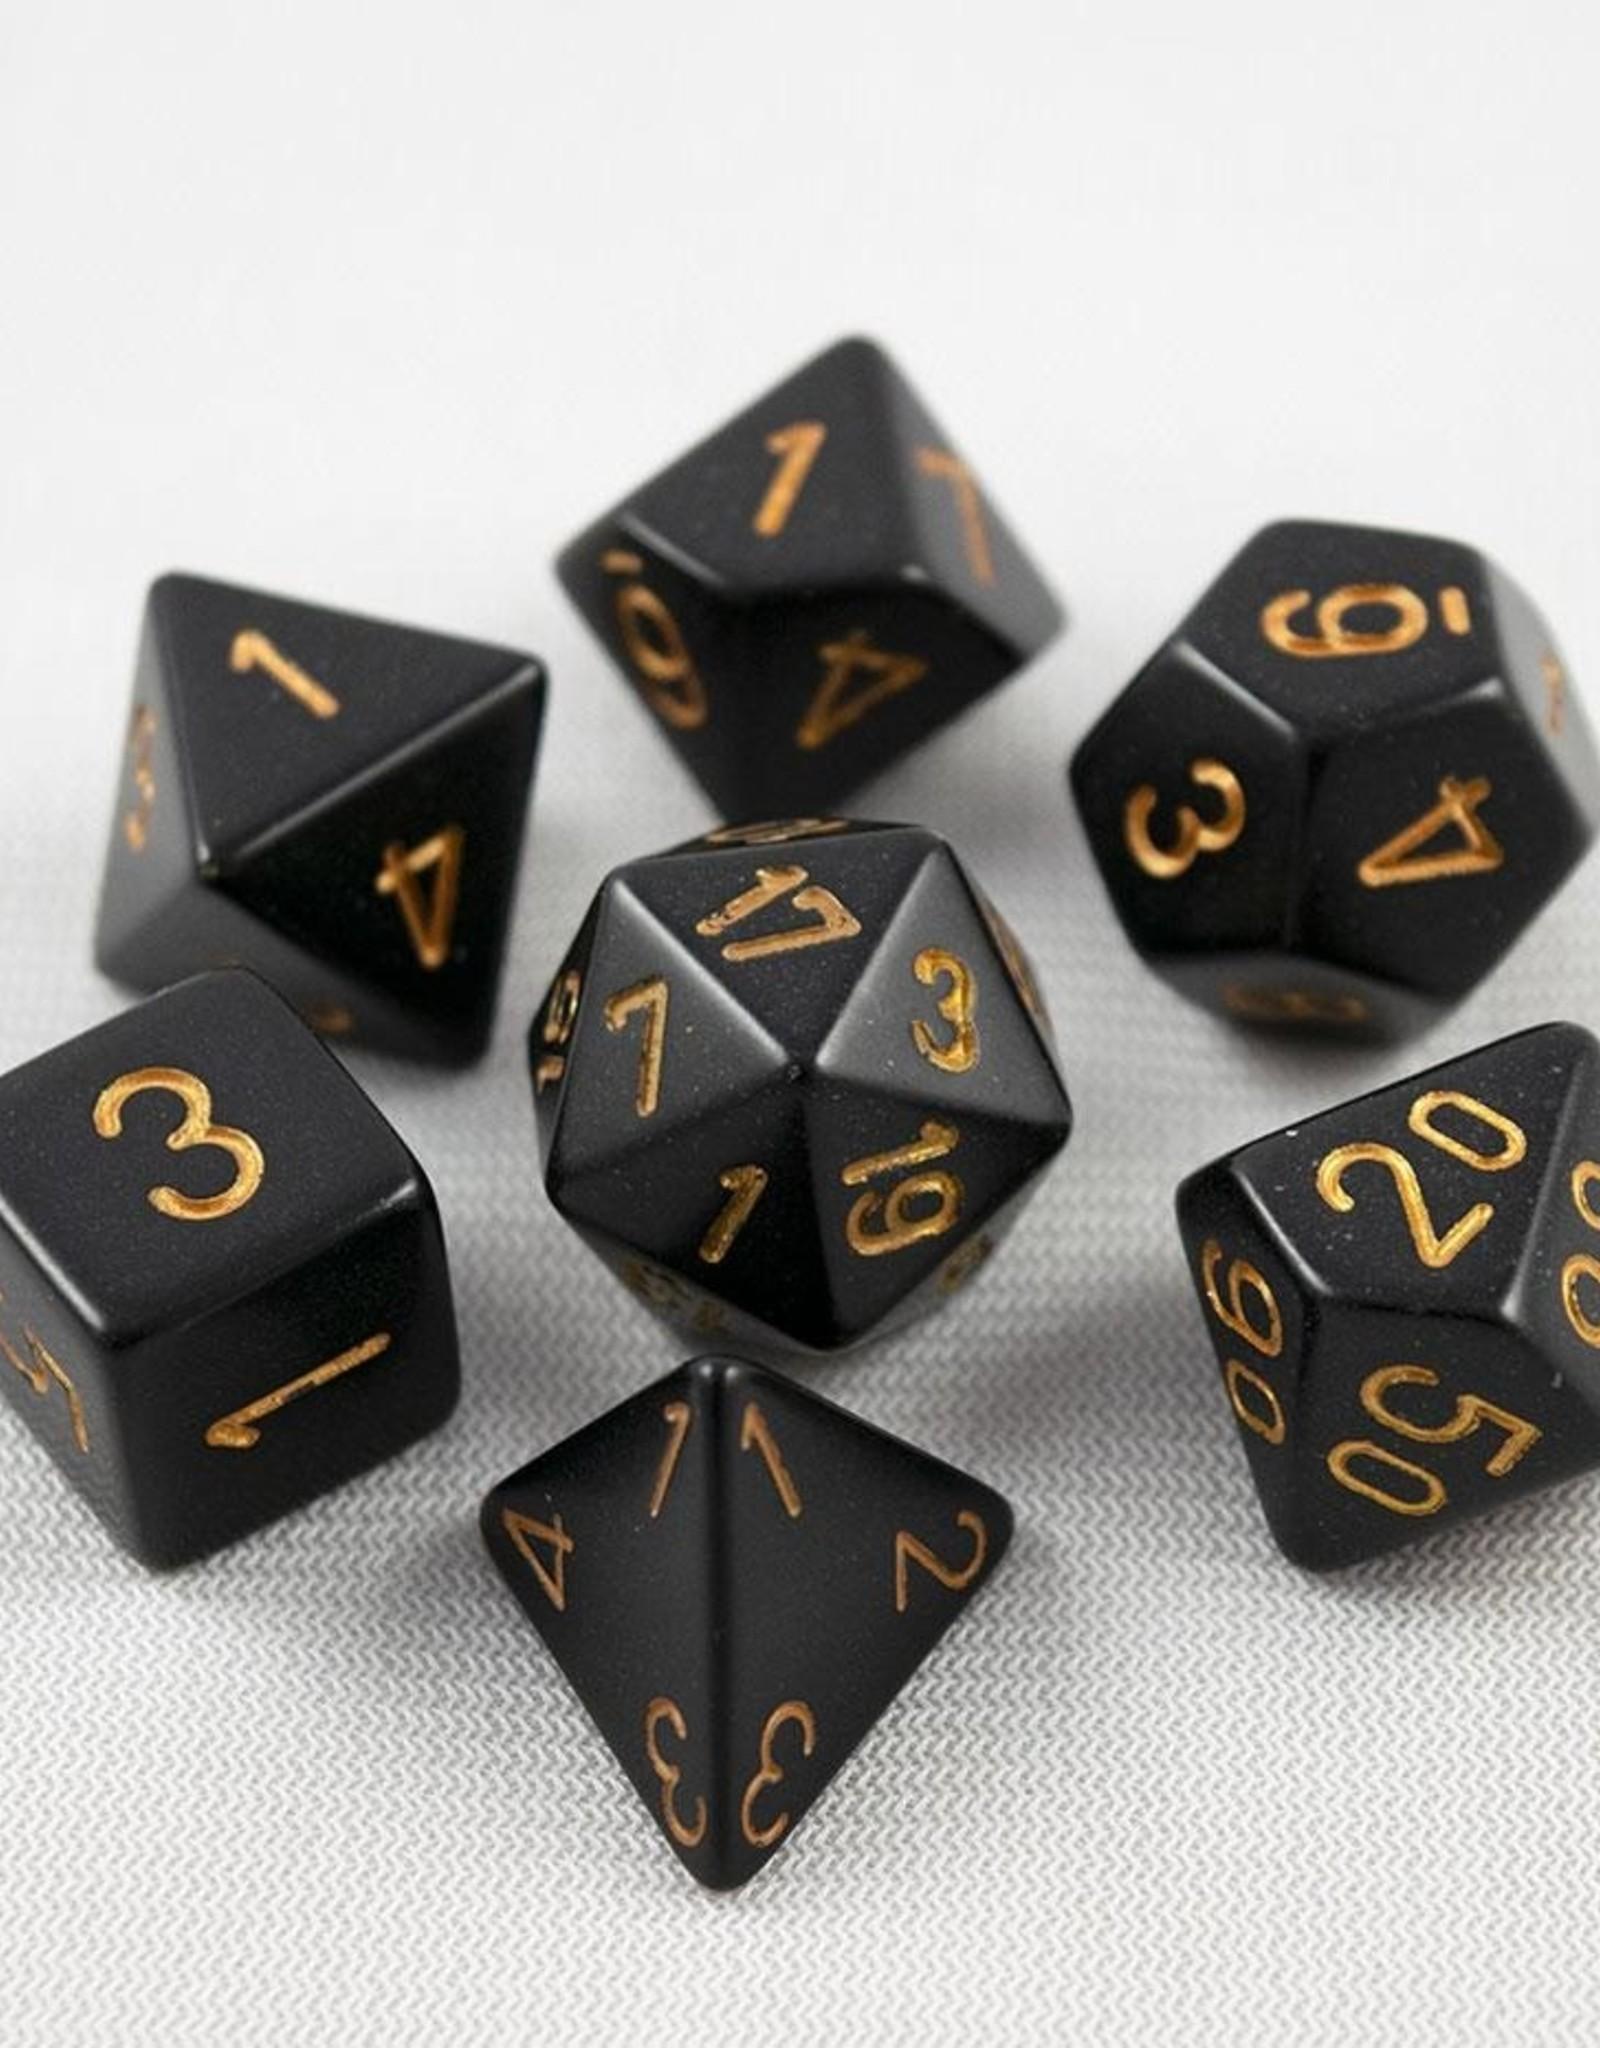 Chessex Chessex 7-Die set Opaque - Black/Gold